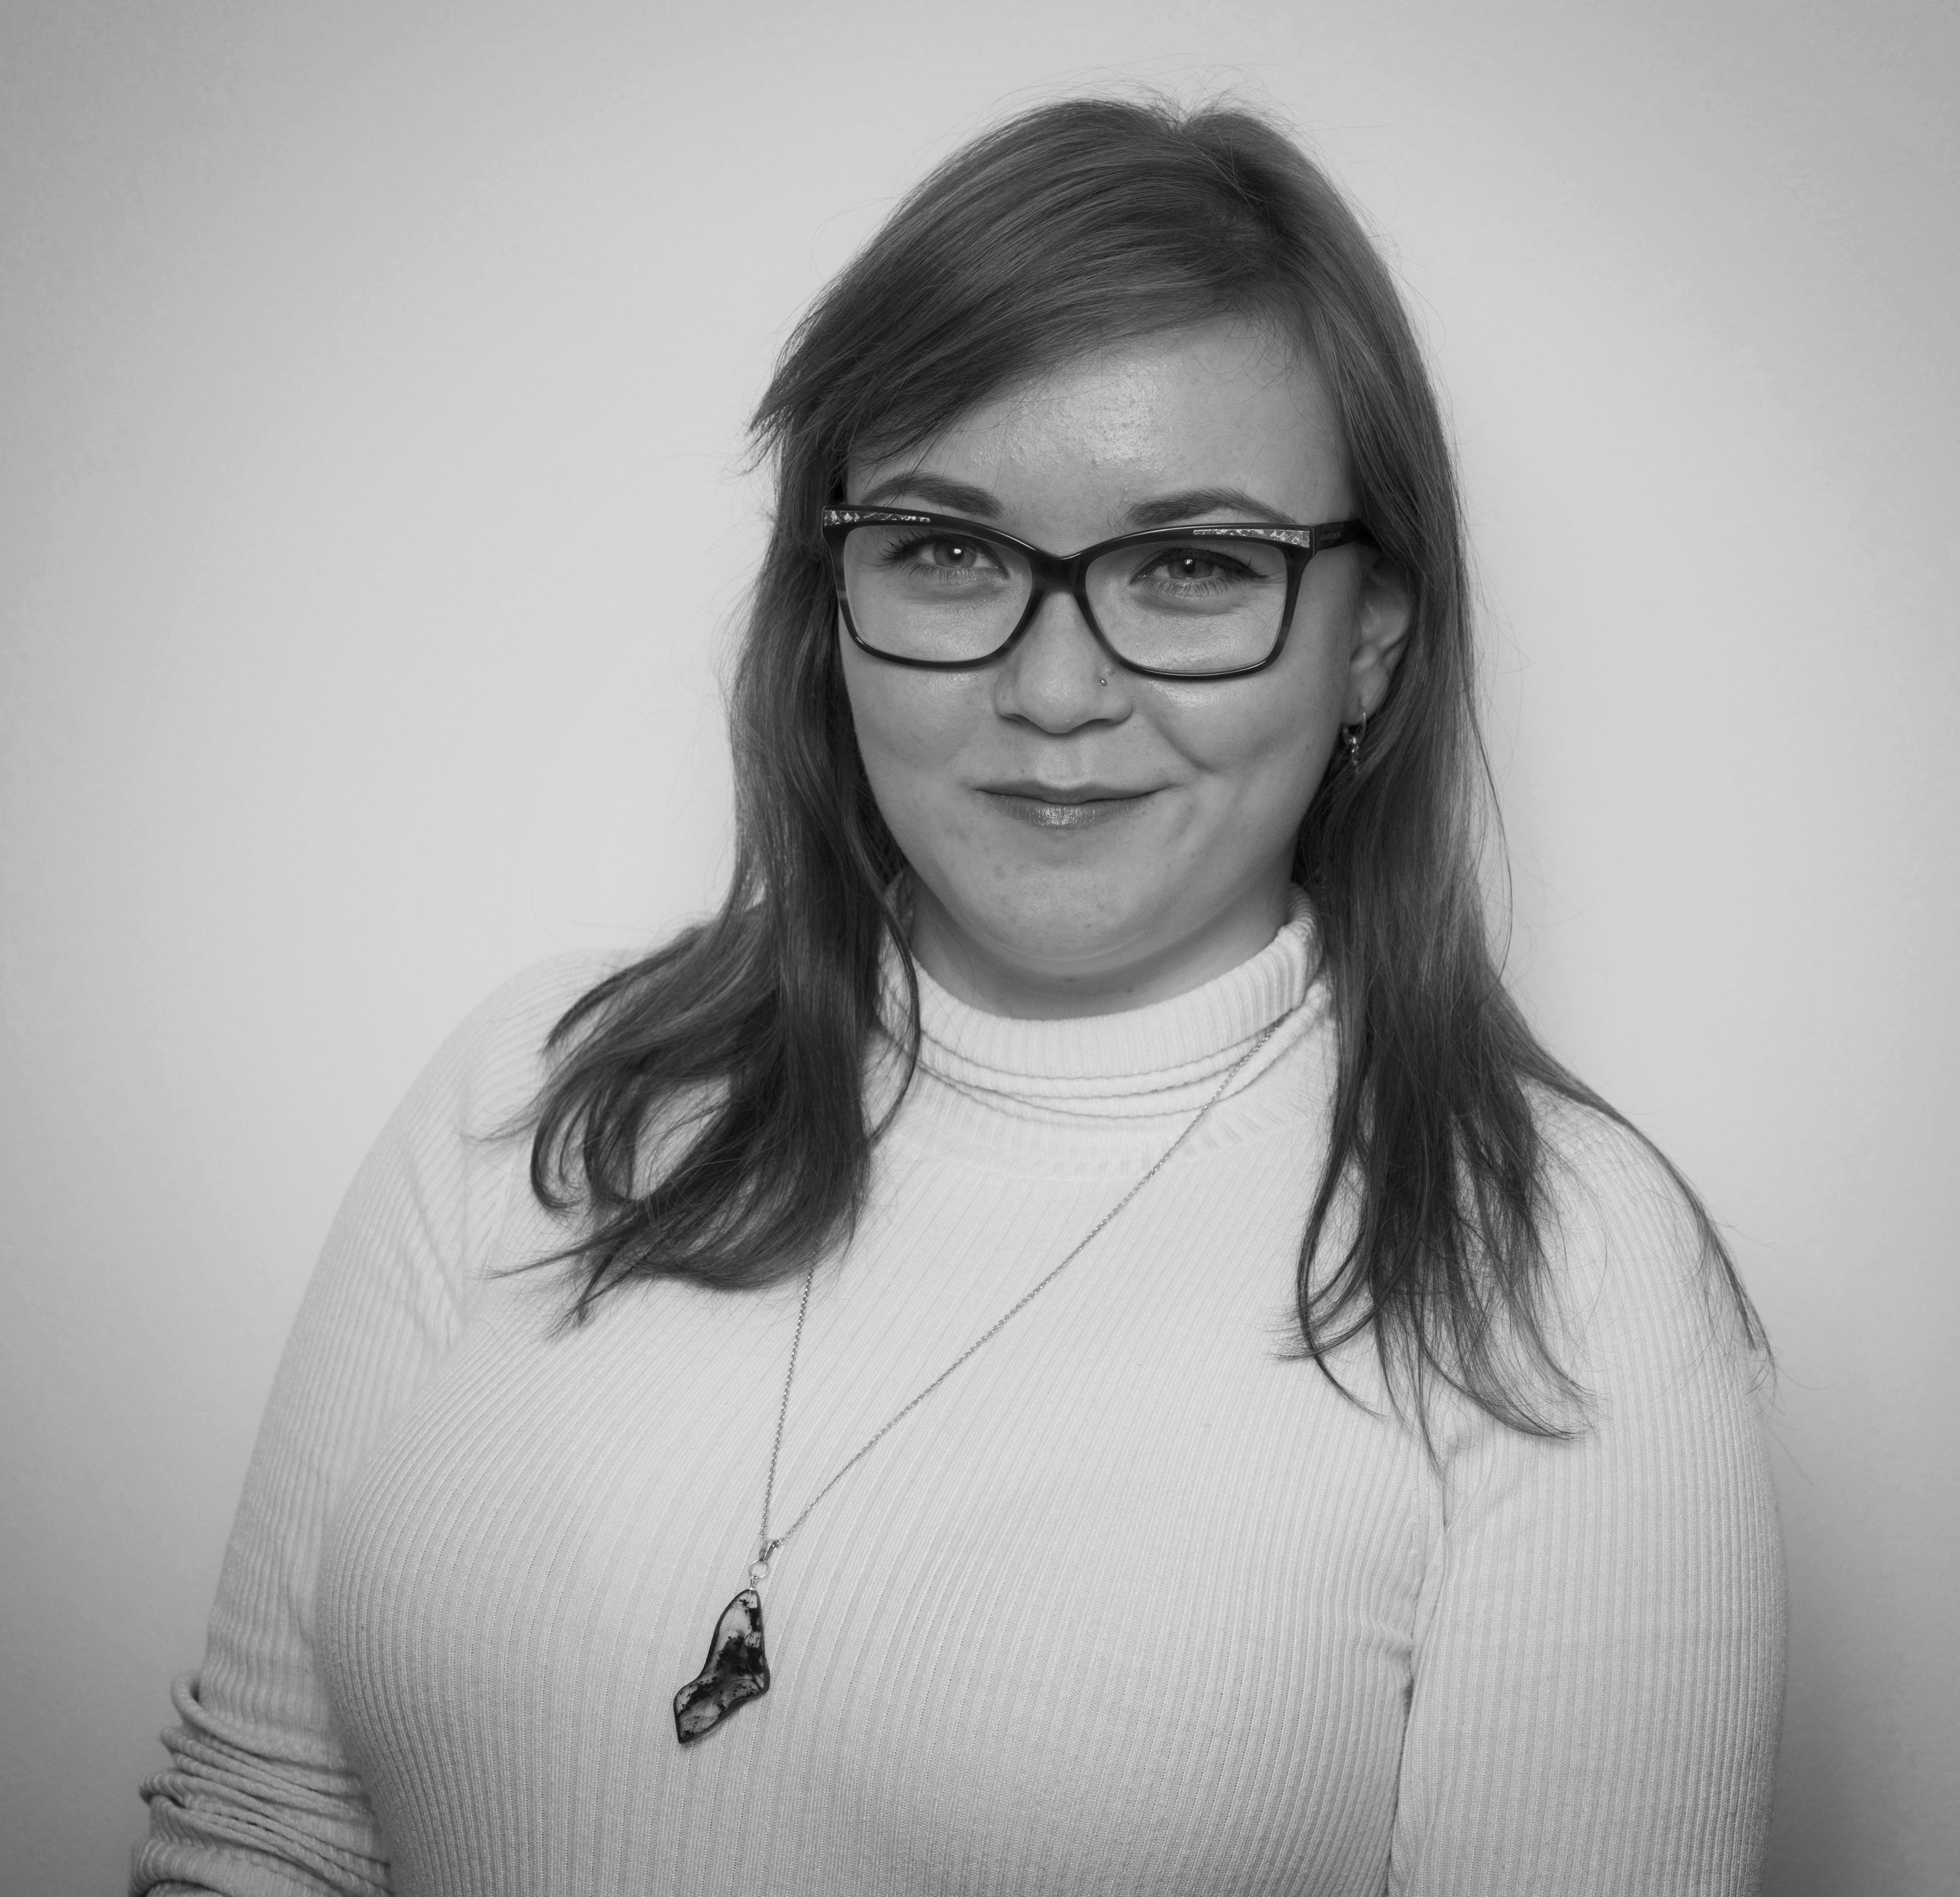 <b>Viktoriya Ilyukhina</b><br>Account Executive, Lifestyle